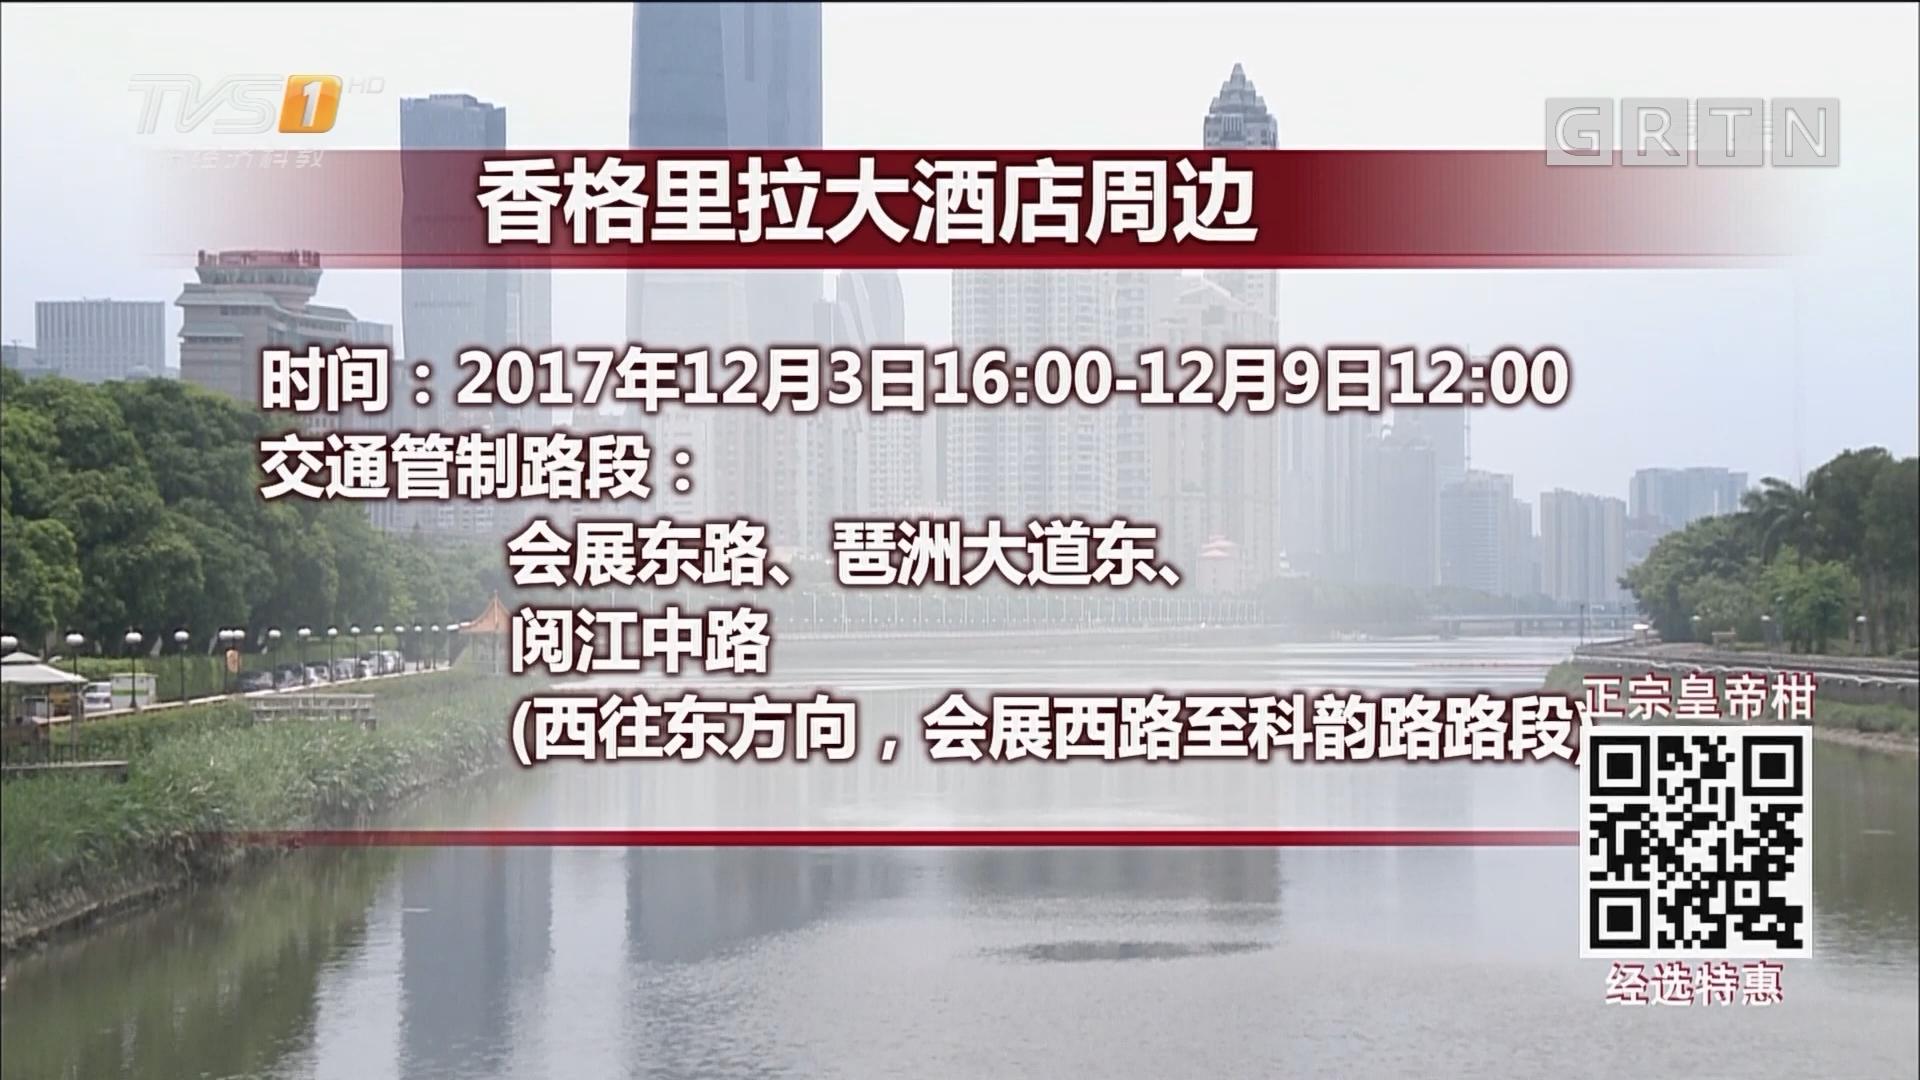 《财富》论坛召开在即 广州这些路段将交通管制